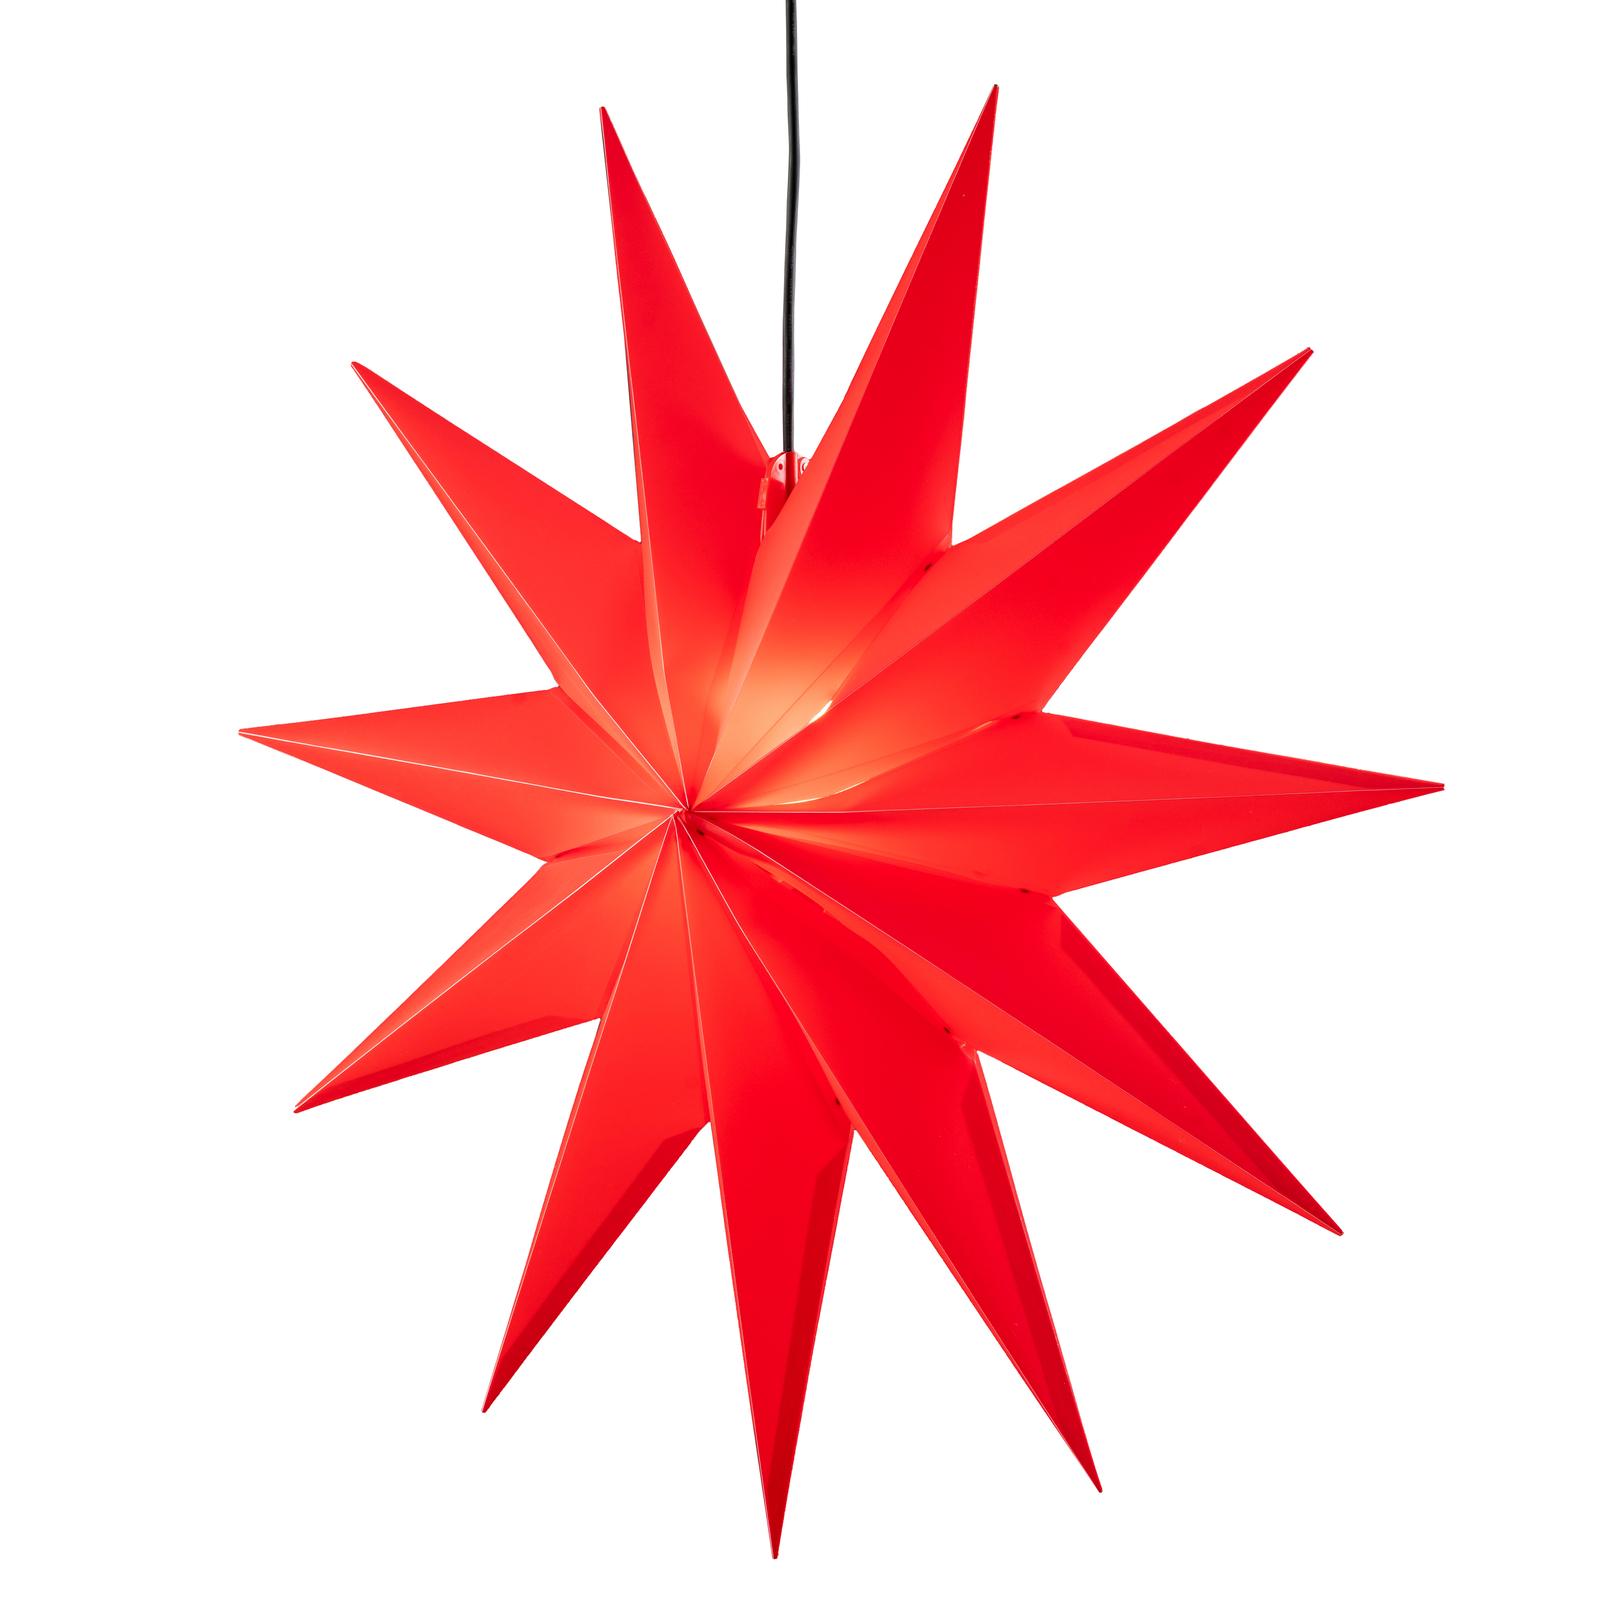 LED ster Jumbo, buiten, 11-punten, Ø 100 cm, rood